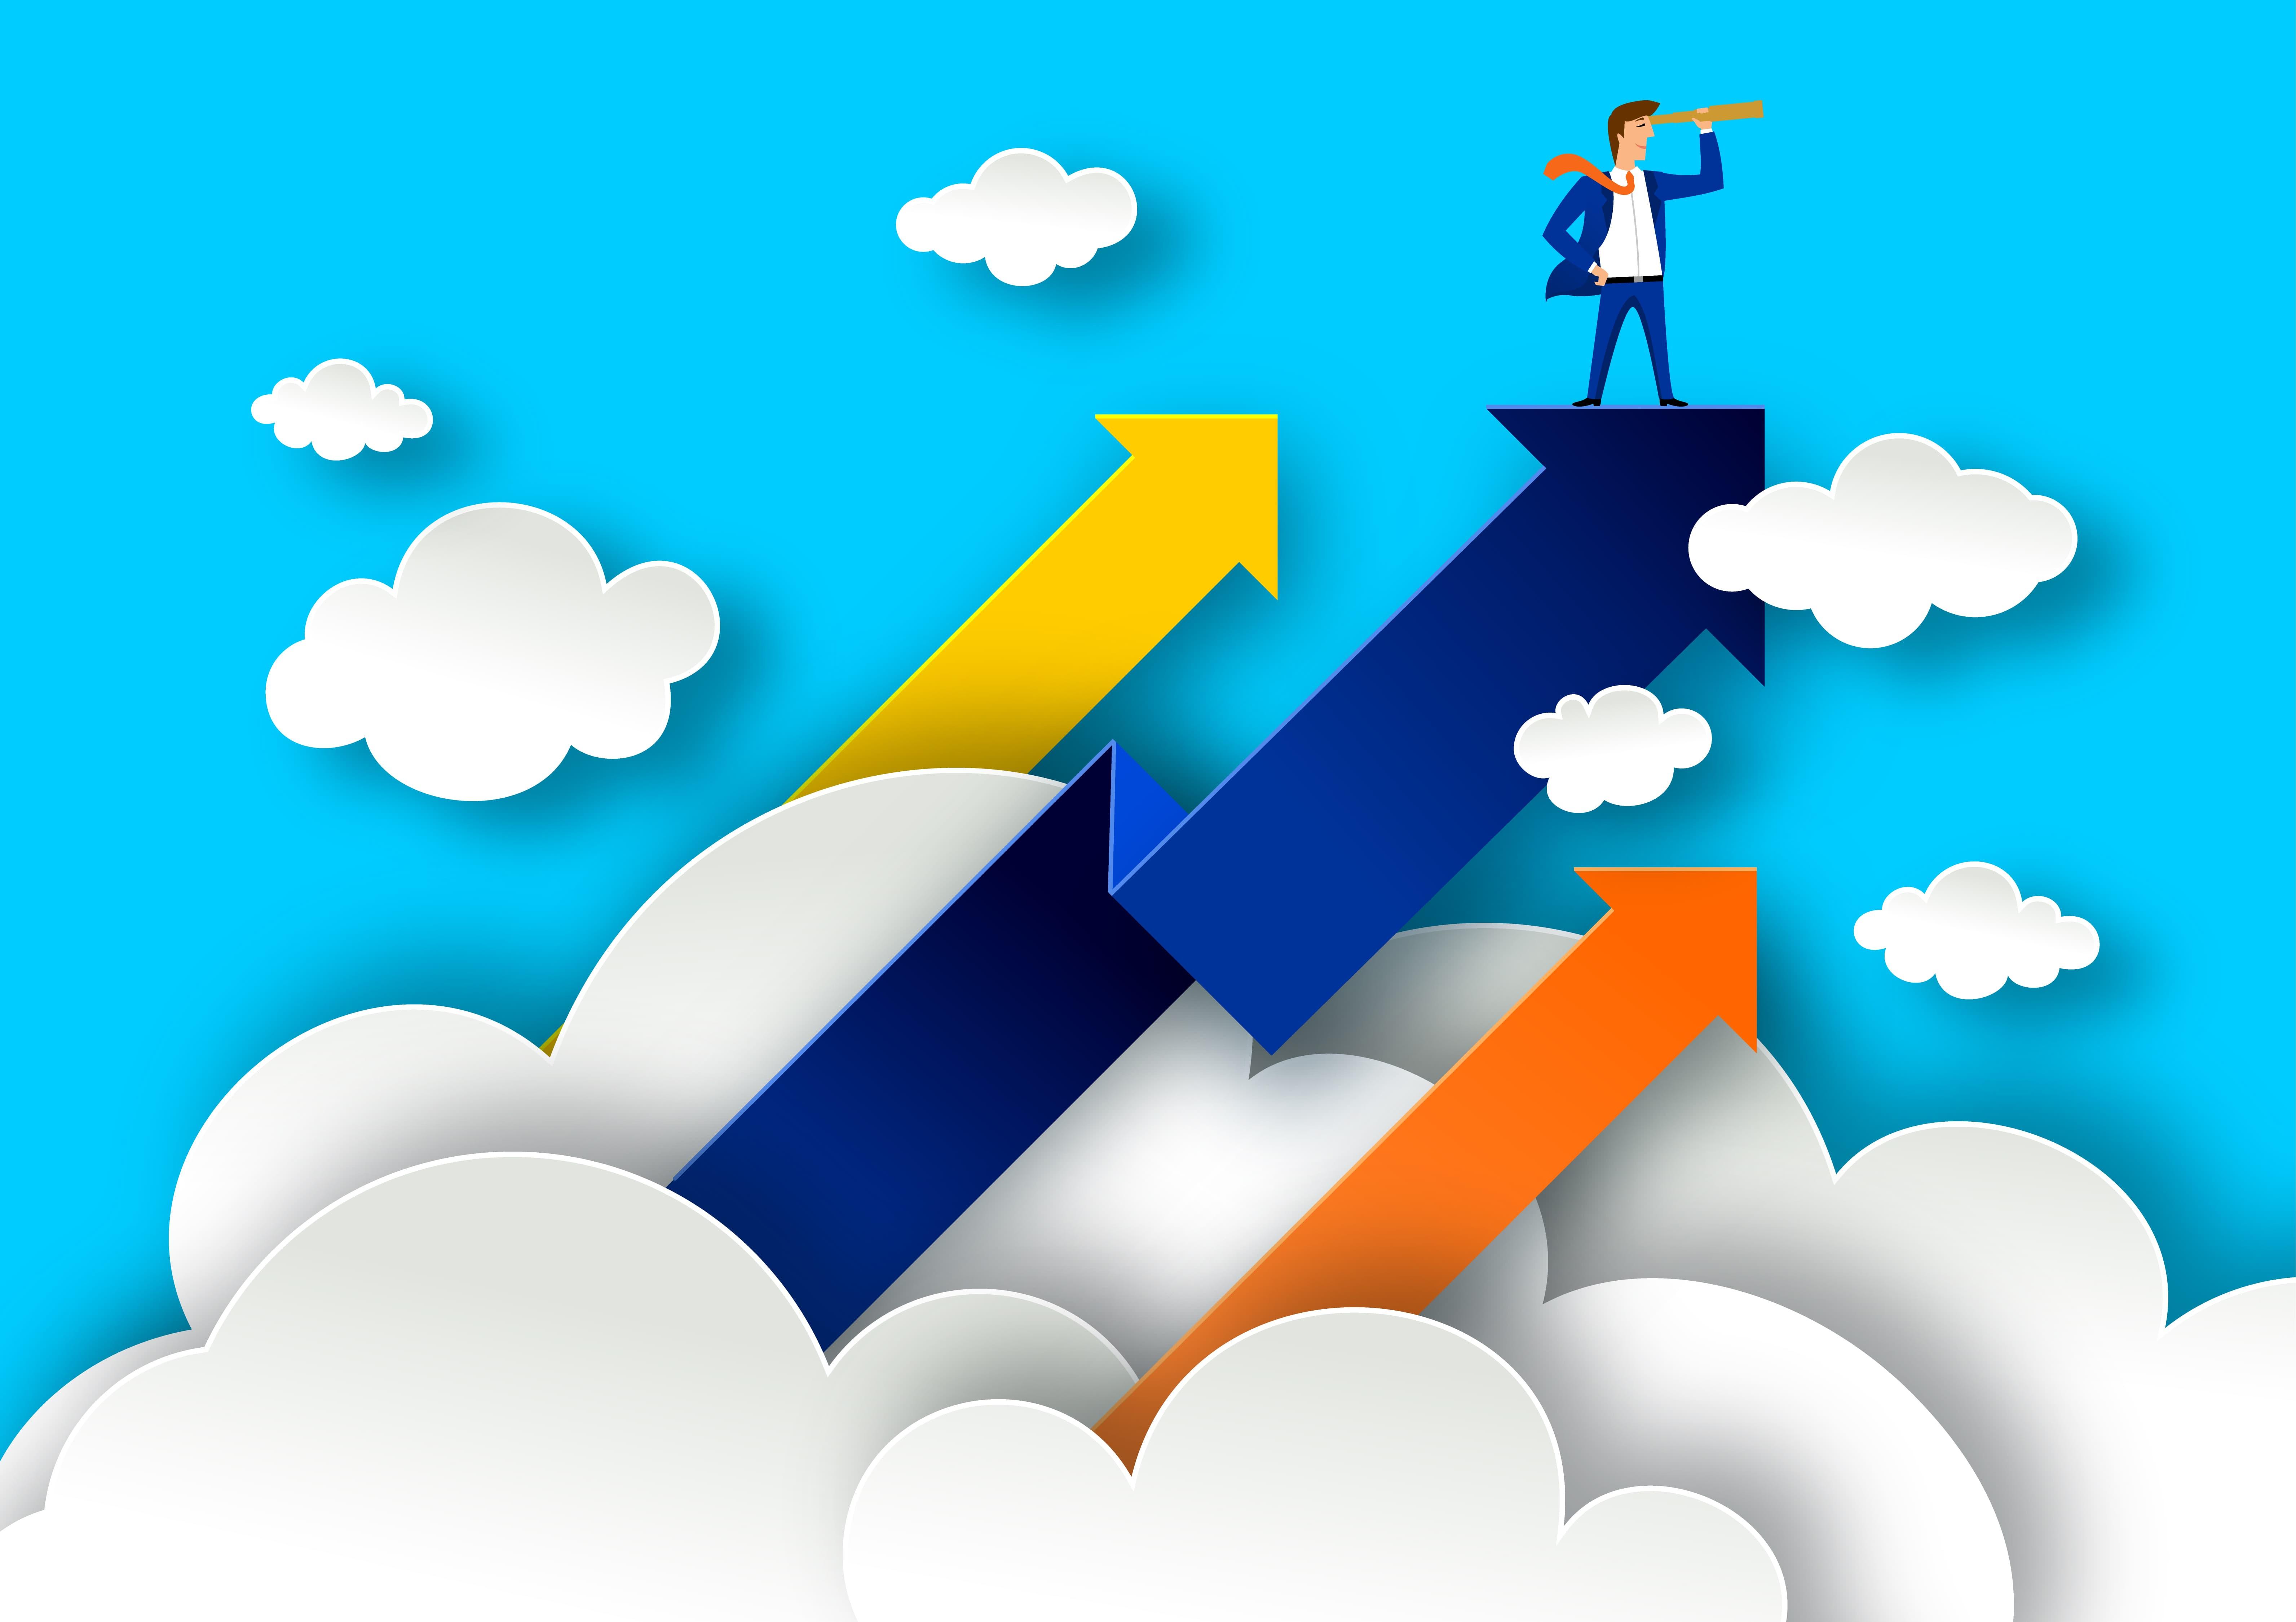 NetSuite reconnu leader de la gestion financière dans le cloud